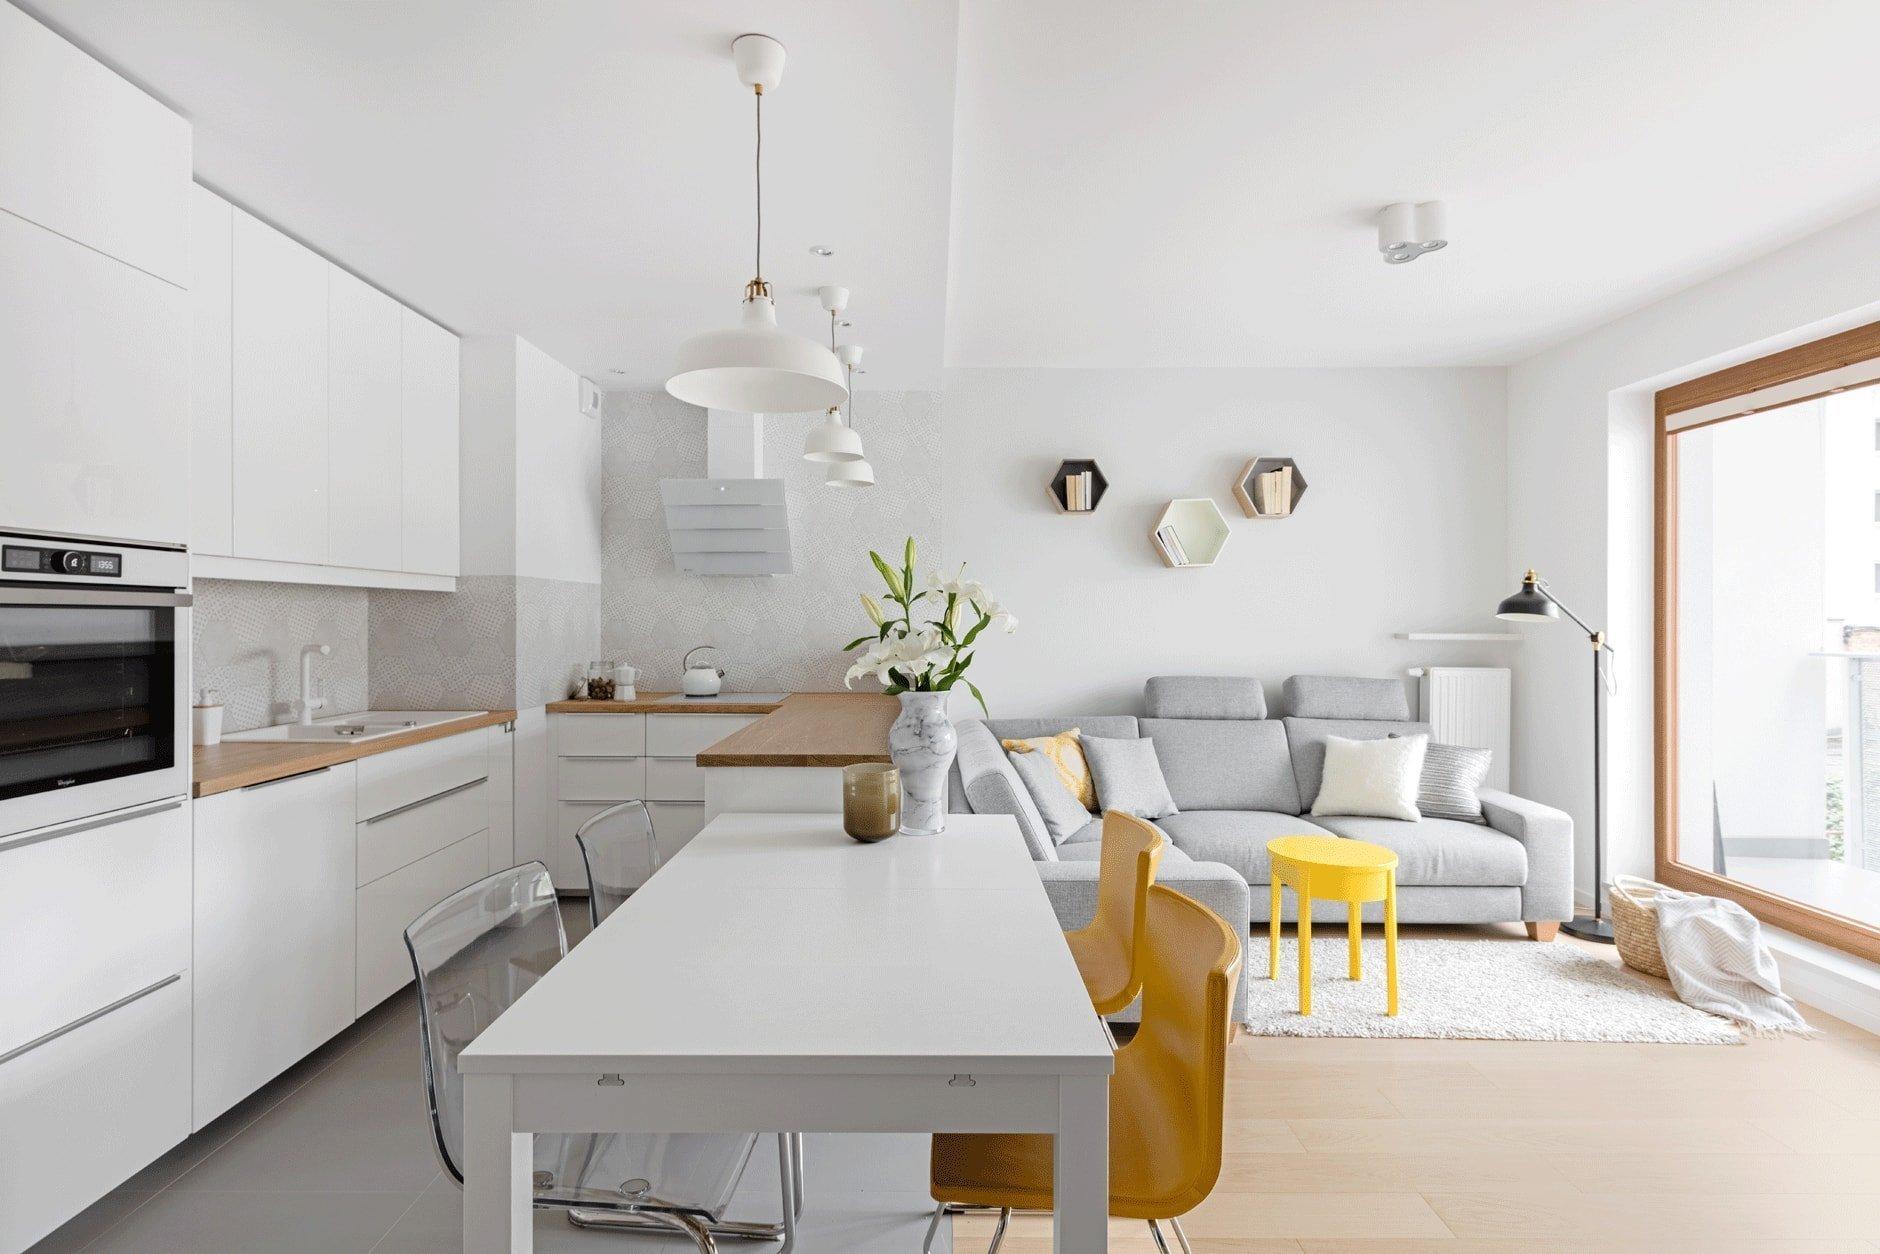 Představujeme vám bydlení pro čtyřčlennou rodinu. Přáním majitelů bylo vytvořit místo, které je především funkční, s dostatkem úložného prostoru a s kuchyní uzpůsobenou pro pohodlné vaření. Majitelé si přáli moderní vzhled bytu ve světlých barvách, s teplými tóny dřeva a útulnou atmosférou, ve skandinávském stylu.